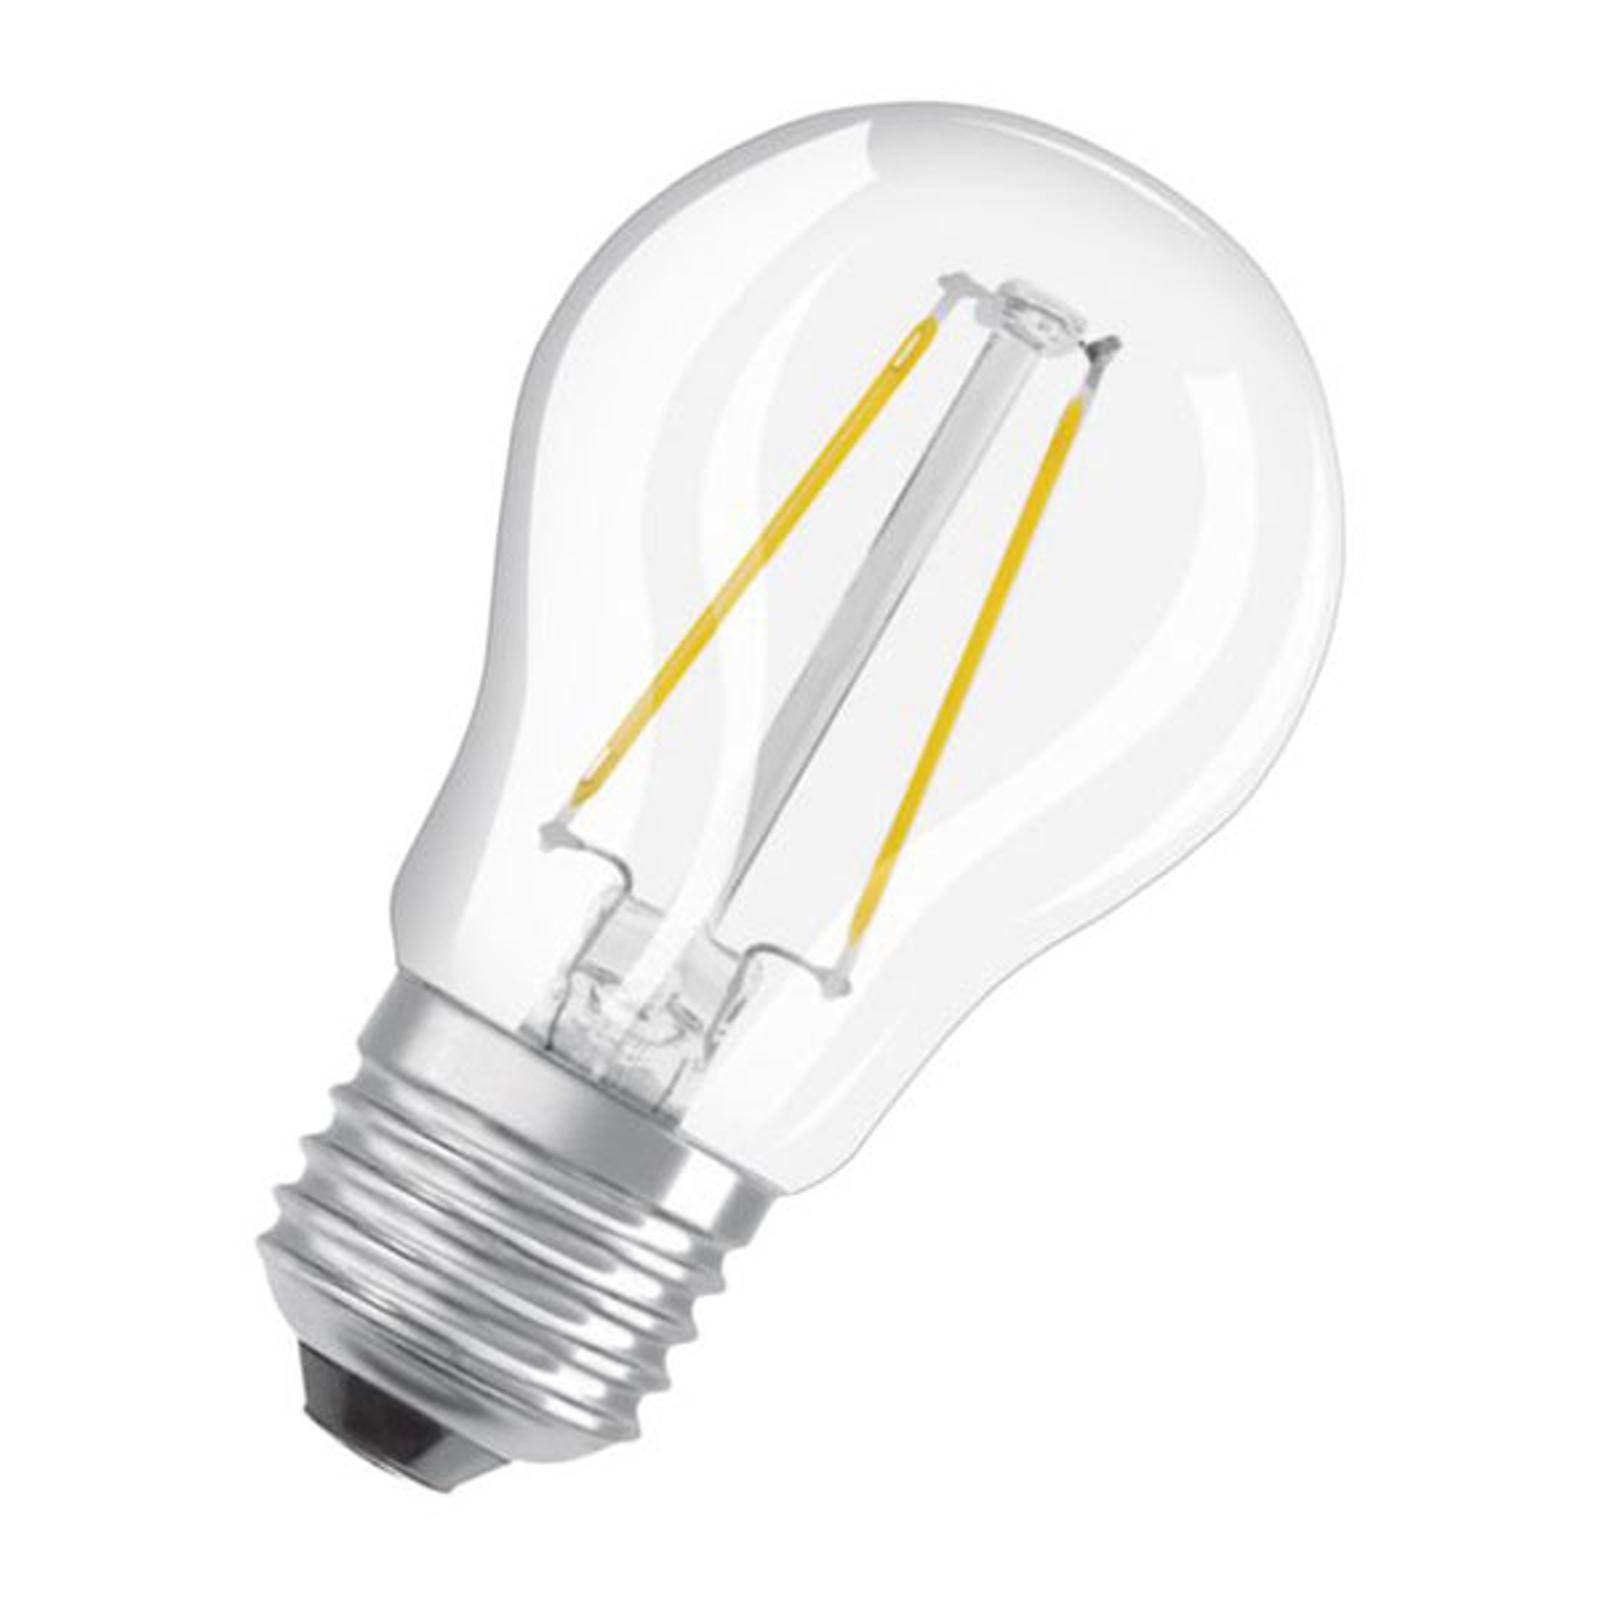 OSRAM Classic P LED-Lampe E27 4W 2.700K klar